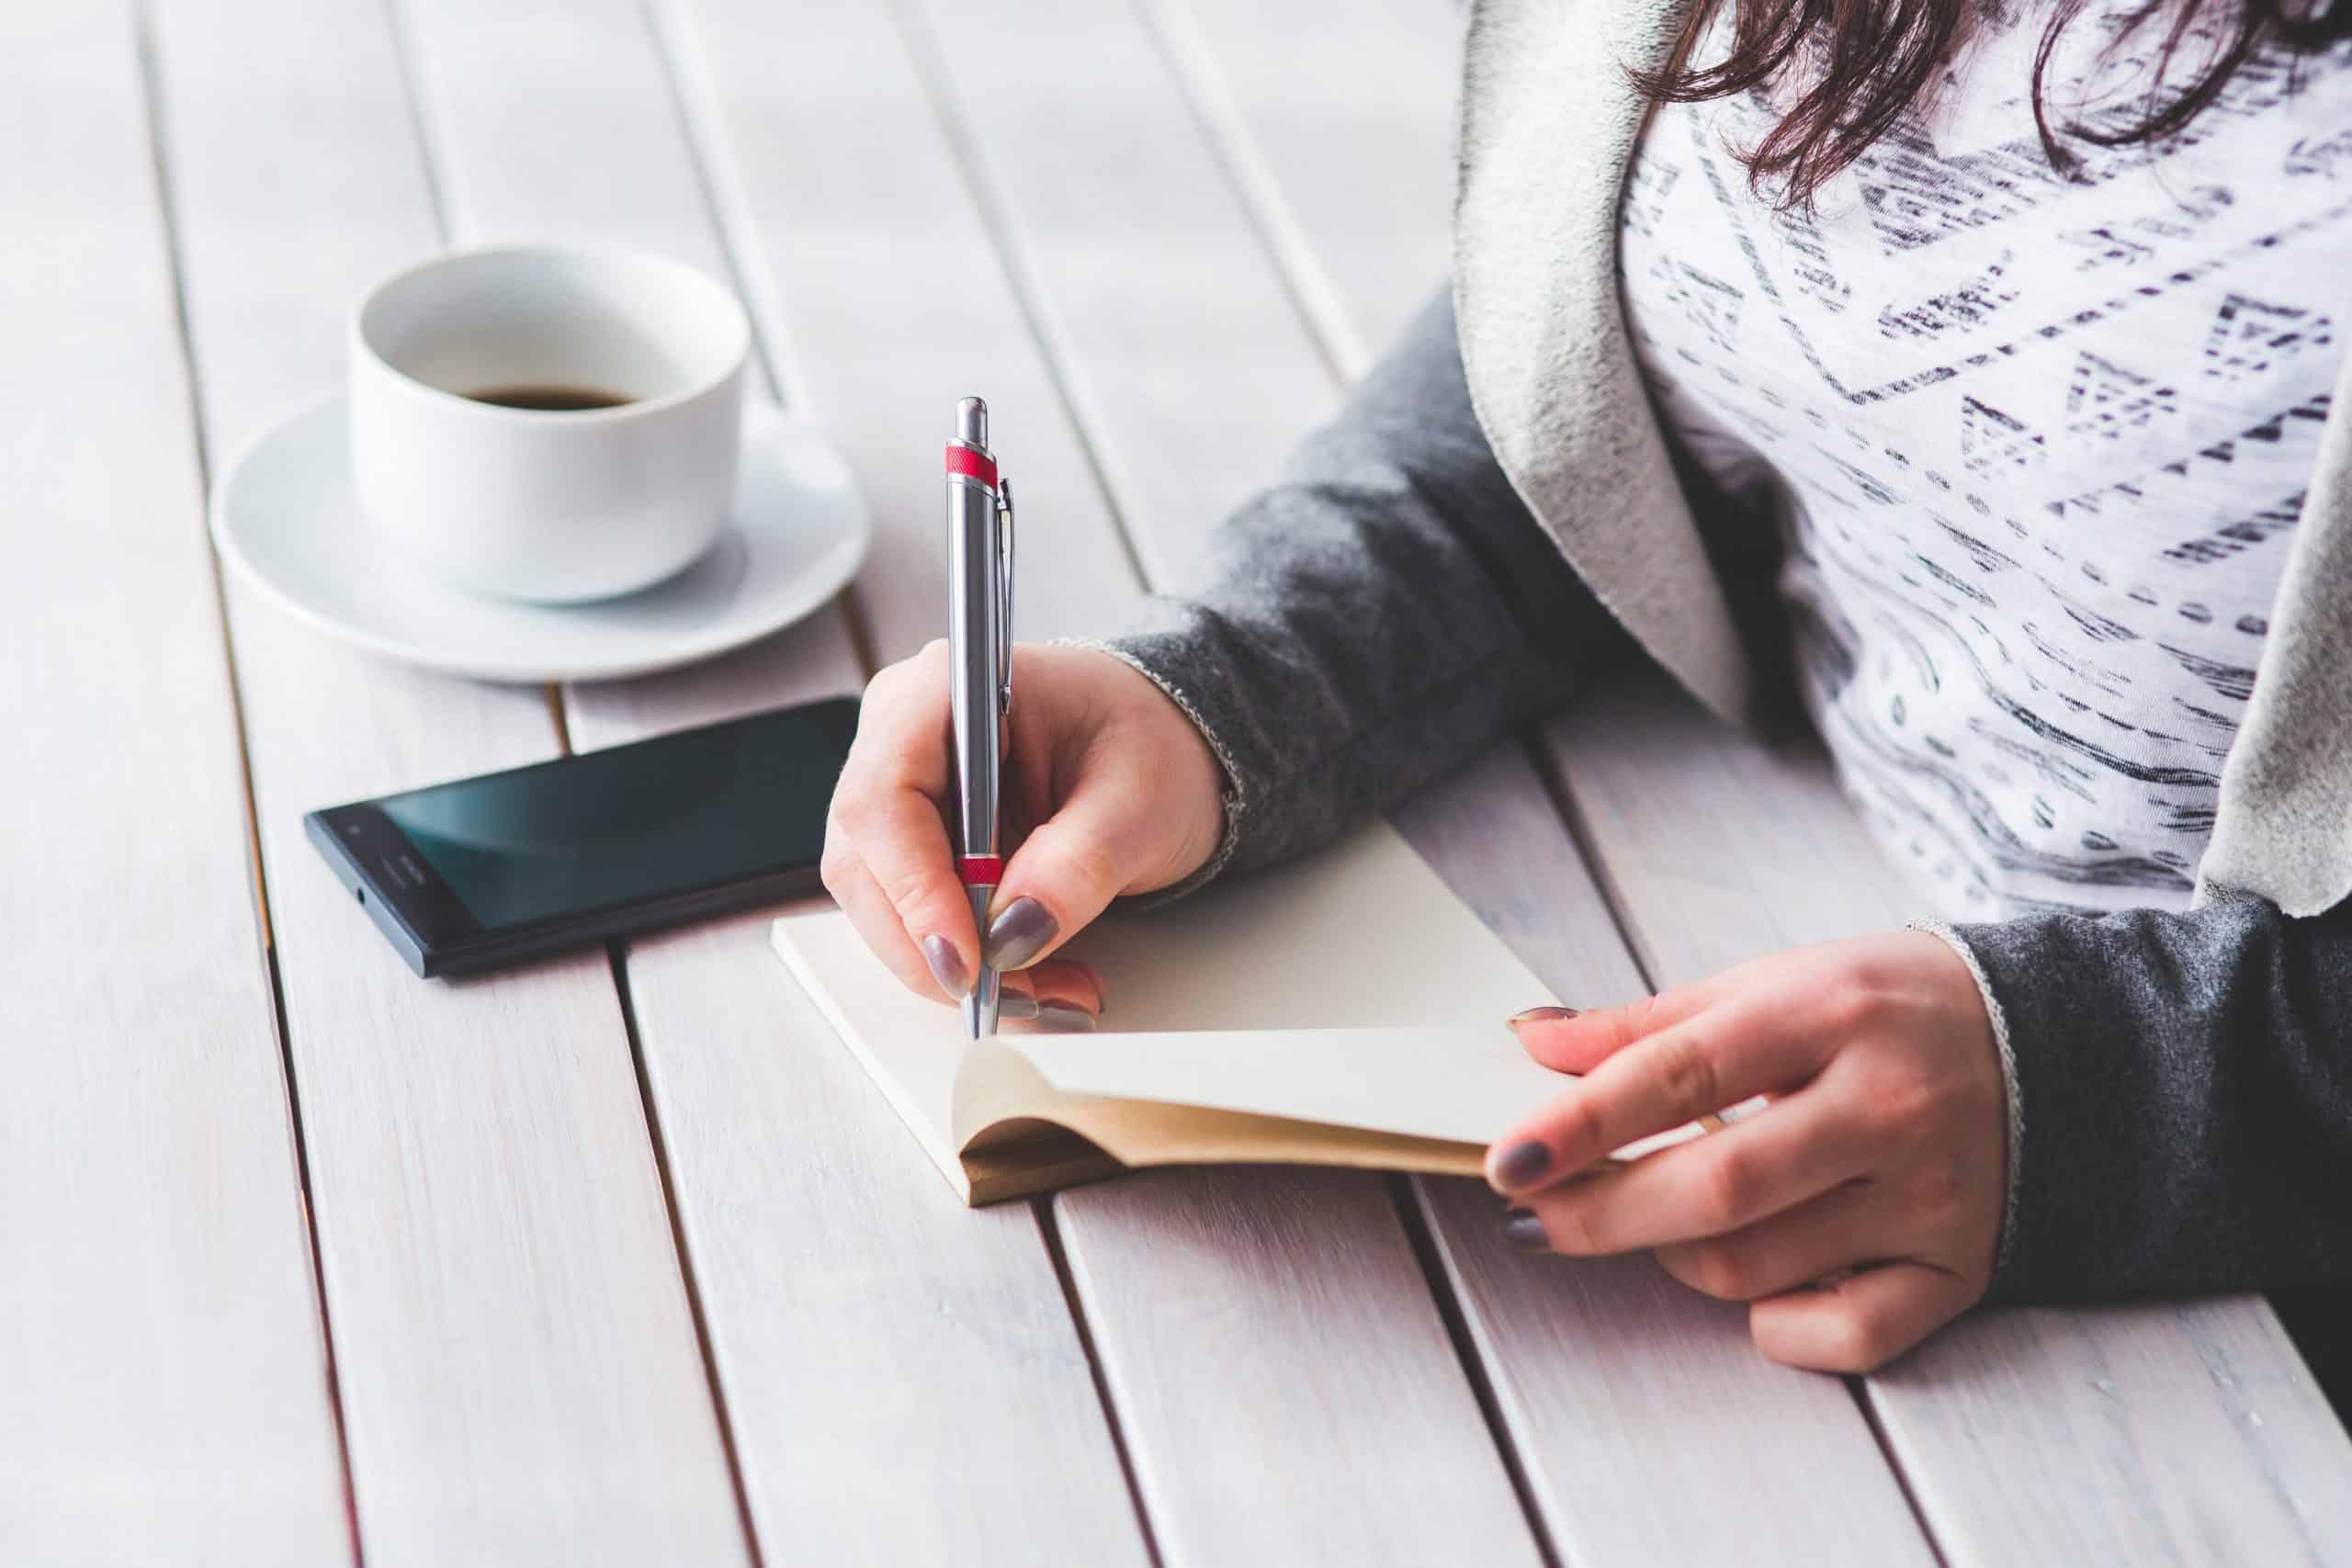 kvinnans hand med en penna anteckning på anteckningsboken